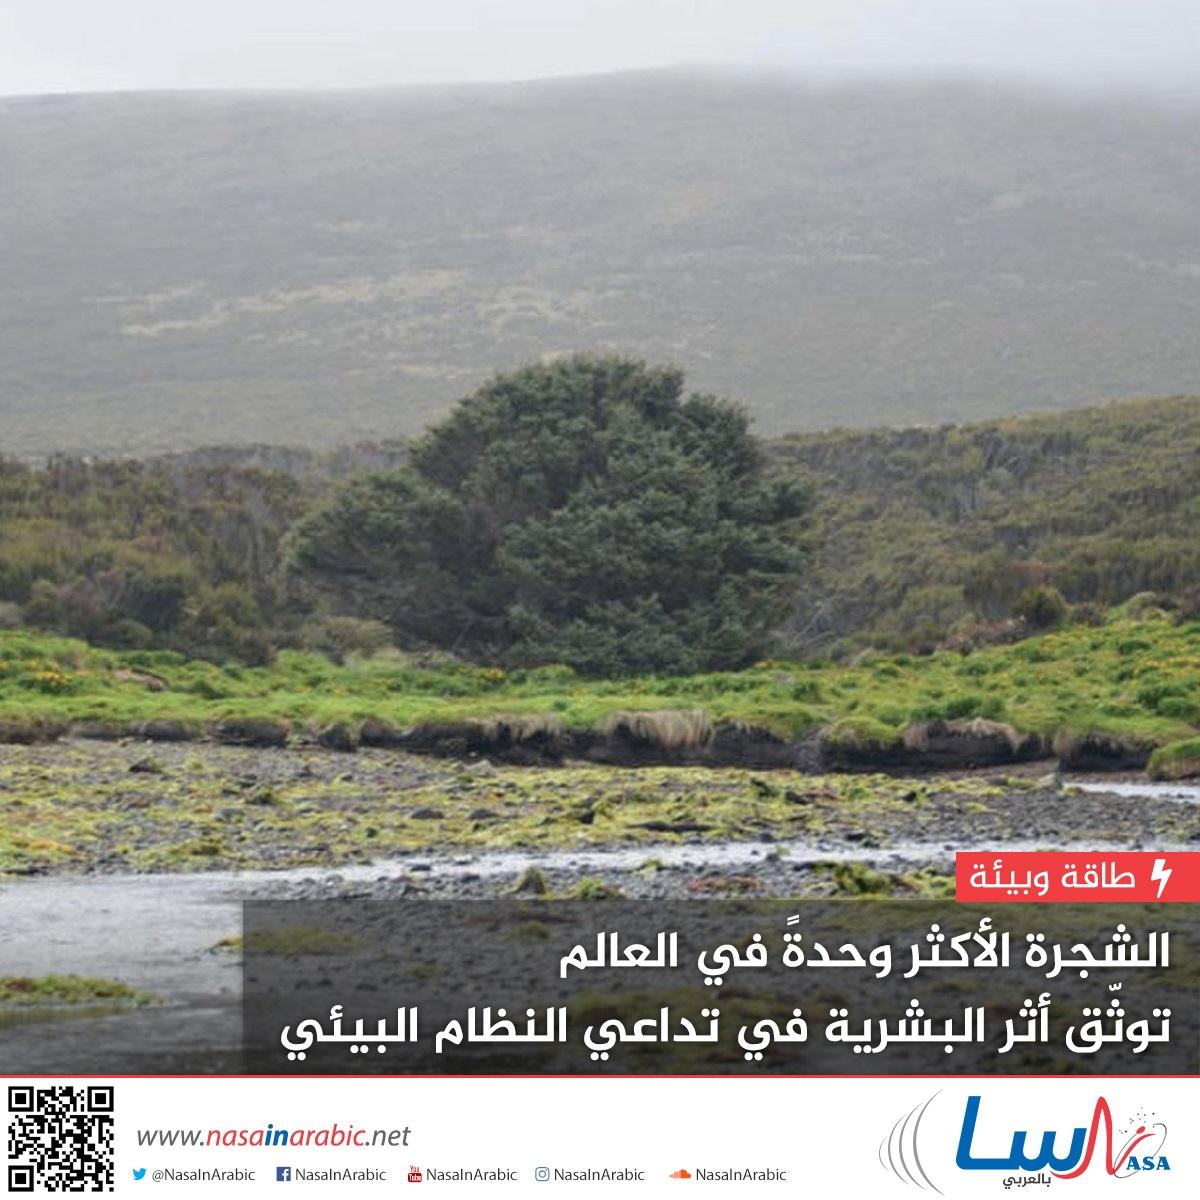 الشجرة الأكثر وحدة في العالم توثق أثر البشرية في تداعي النظام البيئي